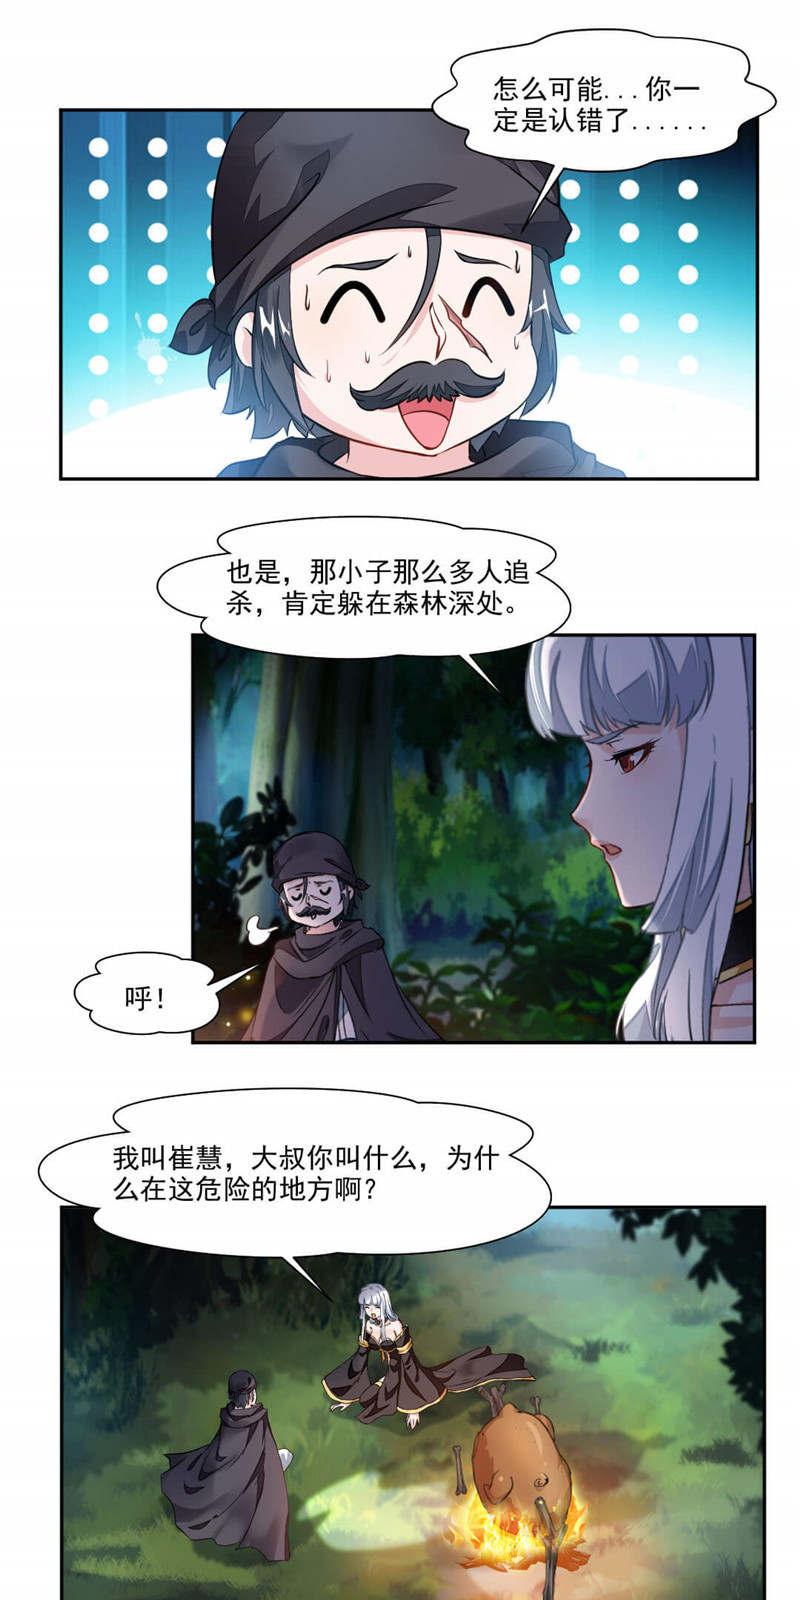 九阳神王第20话  崔慧的诱邀 第 2